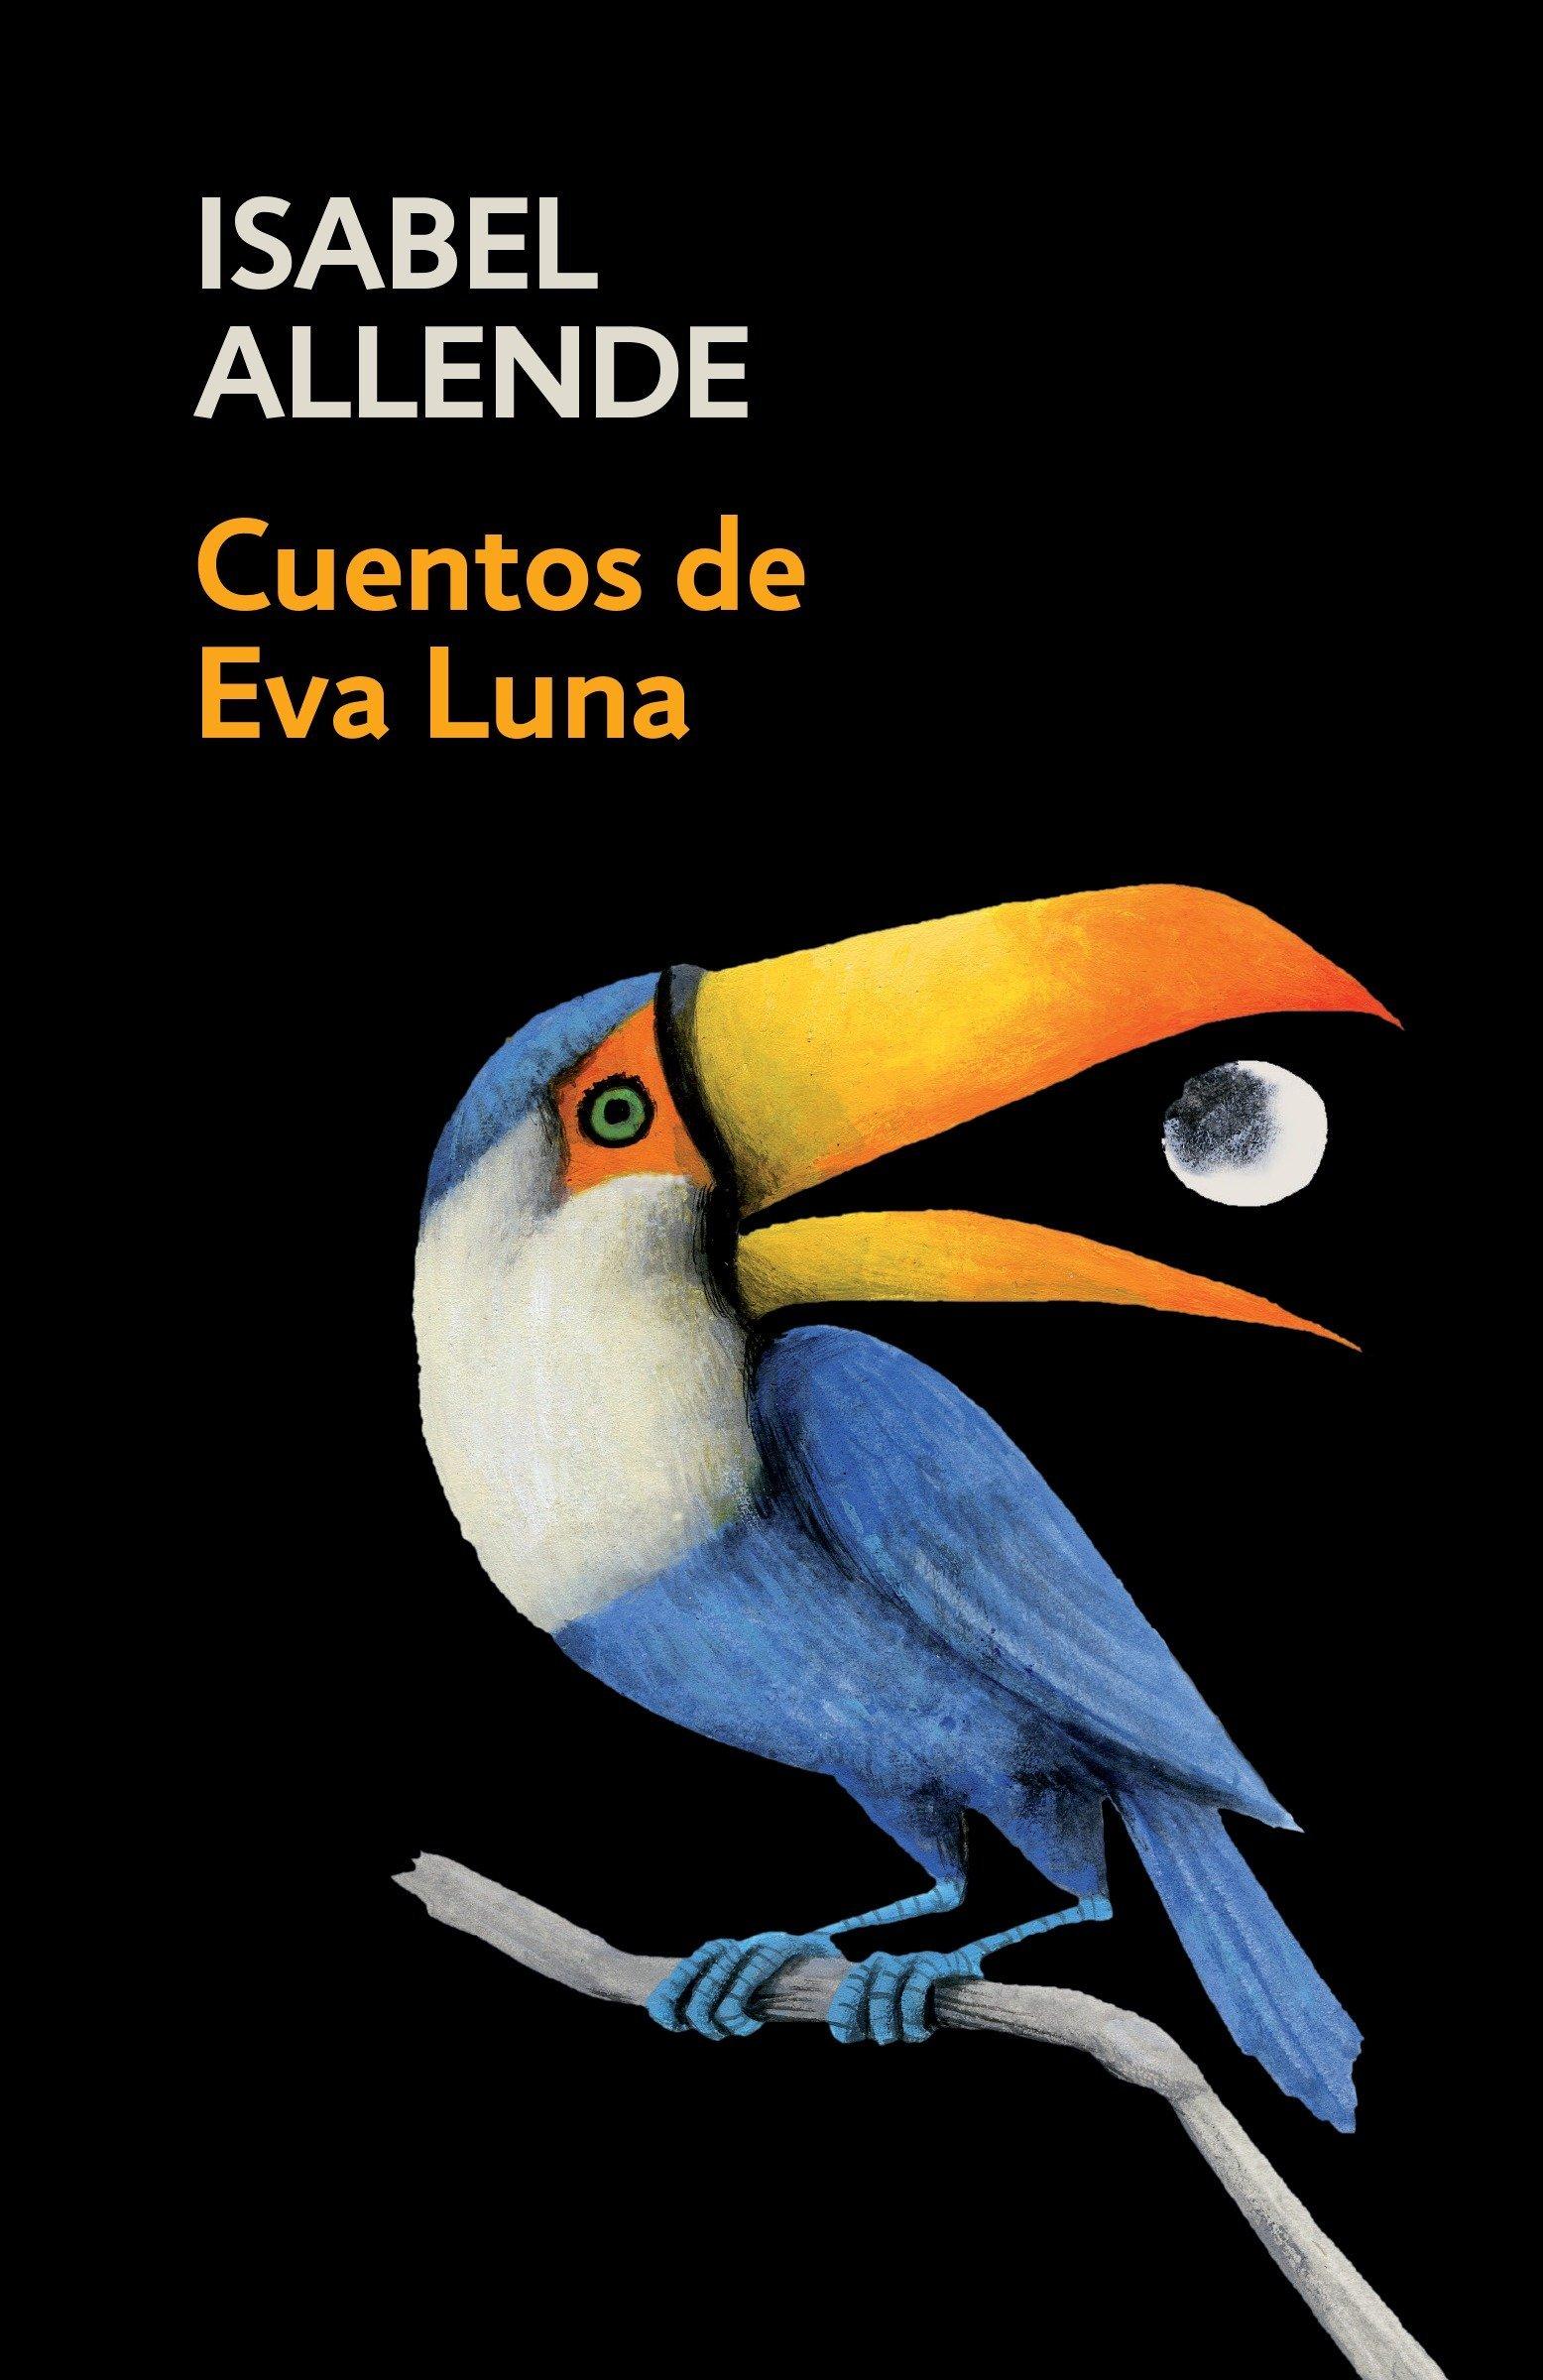 Cuentos de Eva Luna: Spanish-language edition of The Stories of Eva Luna (Spanish Edition)